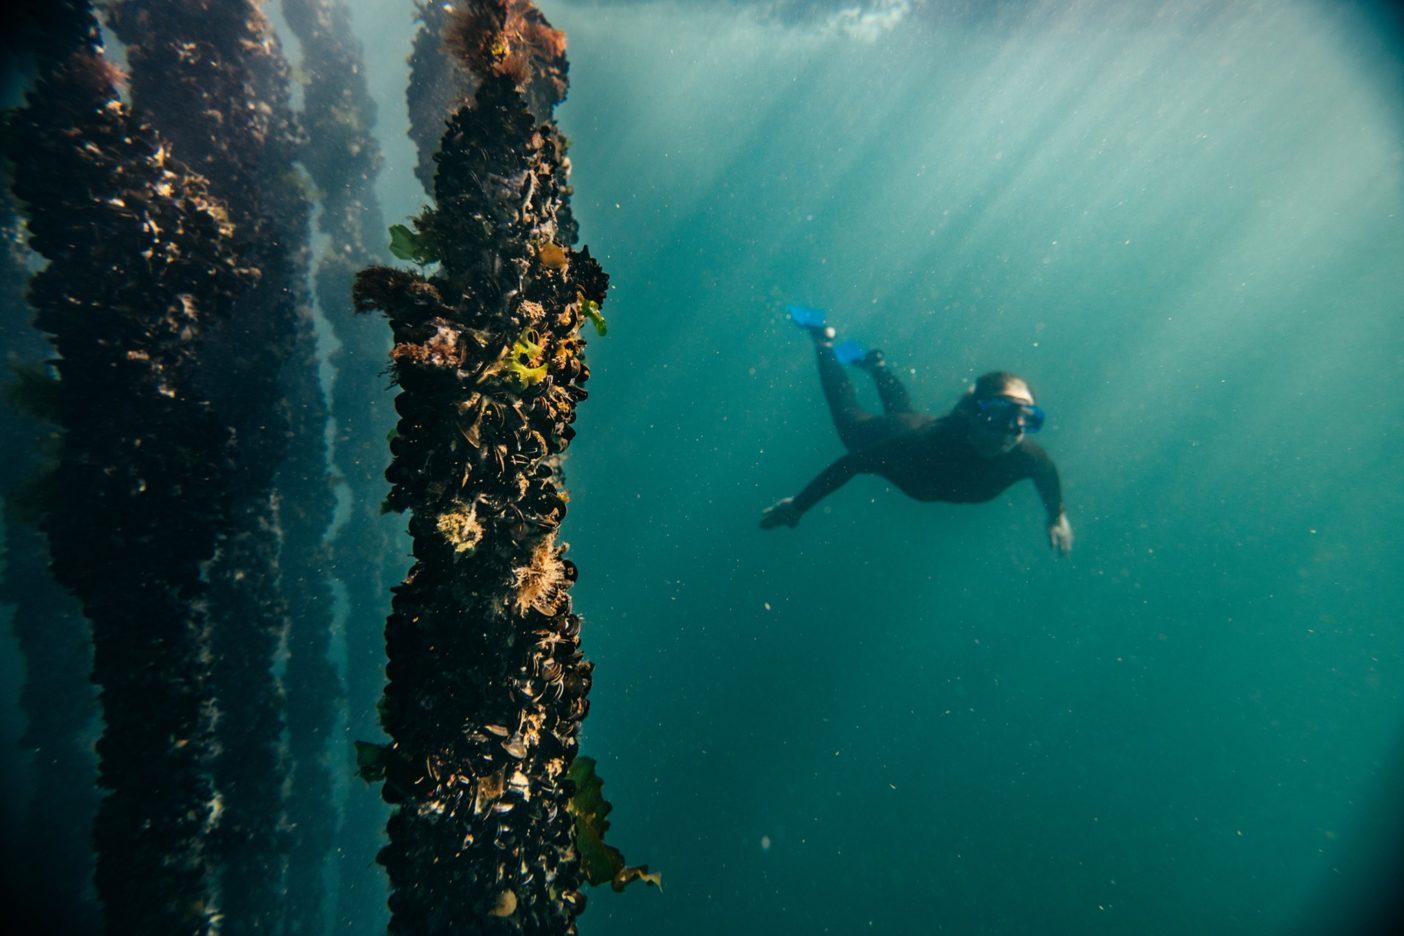 ガリシアの冷たい水で育つムール貝のあいだを潜水中のケイト・ラザフォード。スペイン